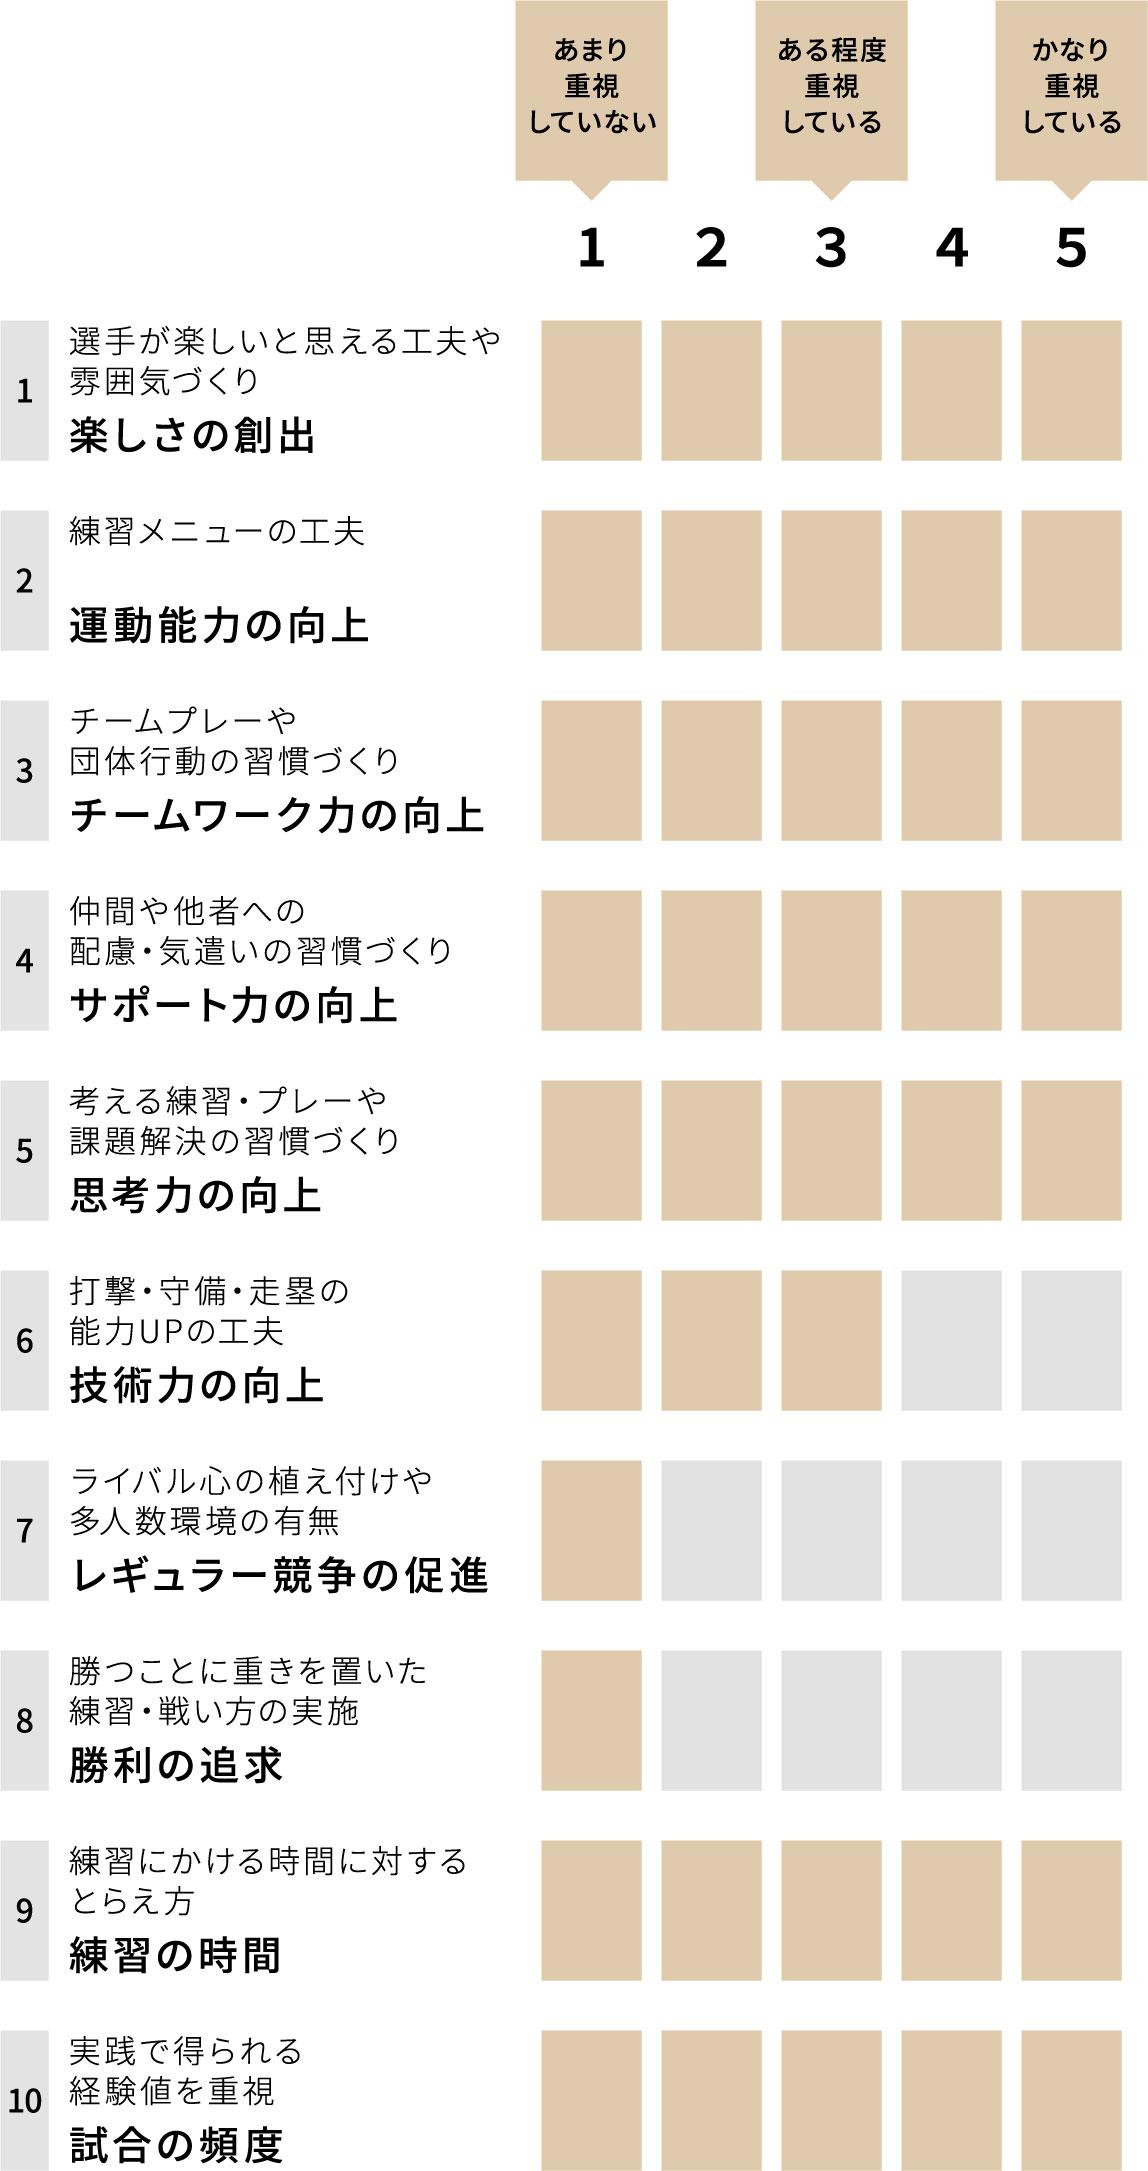 近畿医療専門学校野球部モリーズ チーム重視グラフ